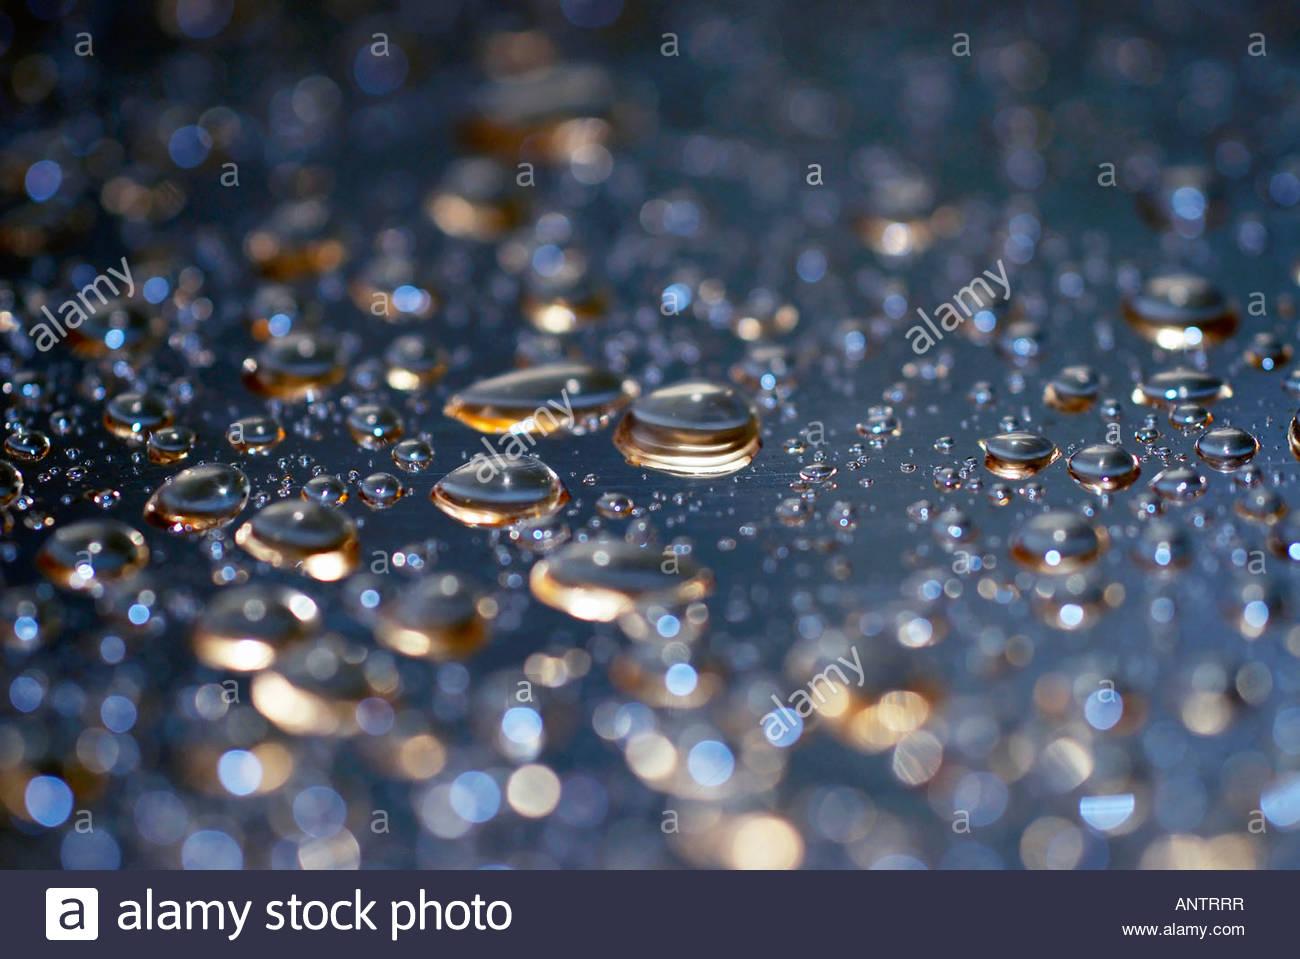 Las gotas de agua sobre la superficie metálica Imagen De Stock